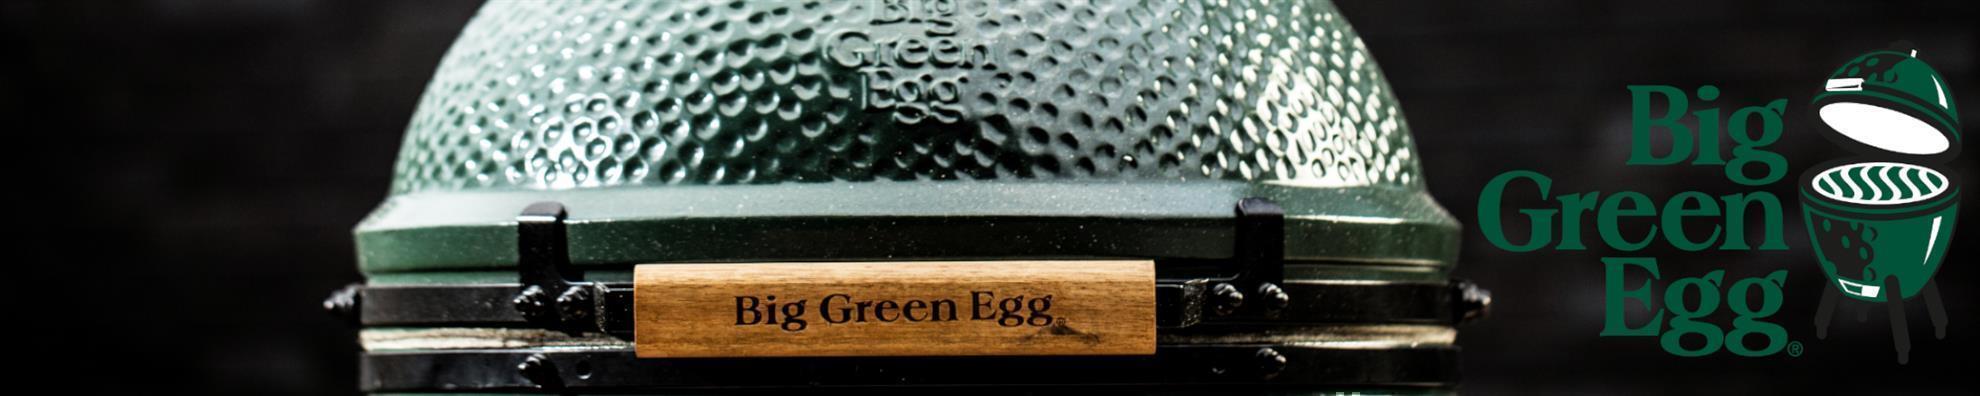 Big Green Egg - Ascheschieber S/M/MX